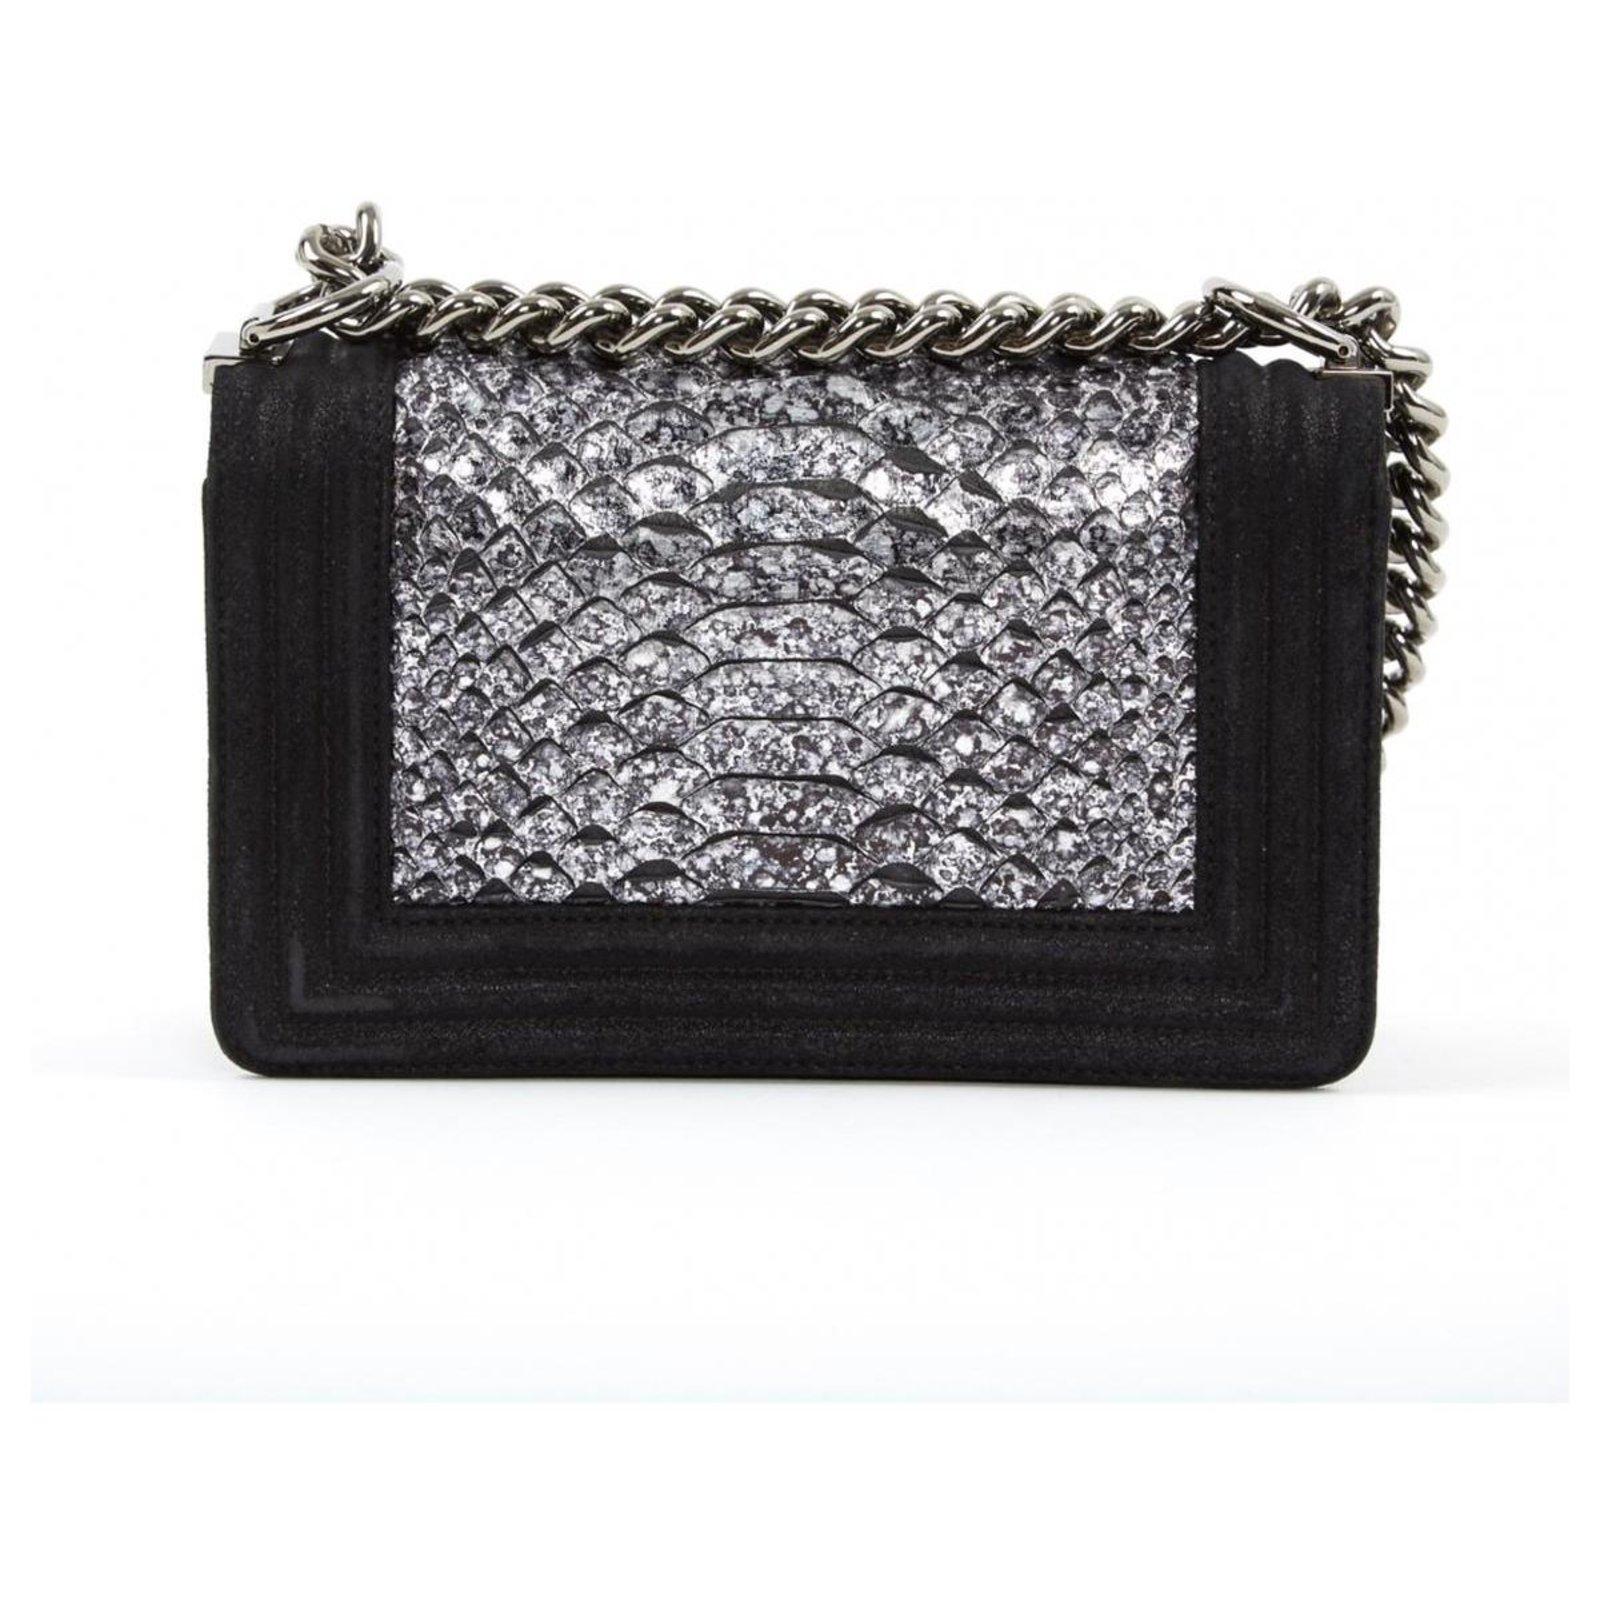 aec6efbdb8907a Chanel CHANEL BOY PYTHON RARE! Handbags Exotic leather,Python Black ...